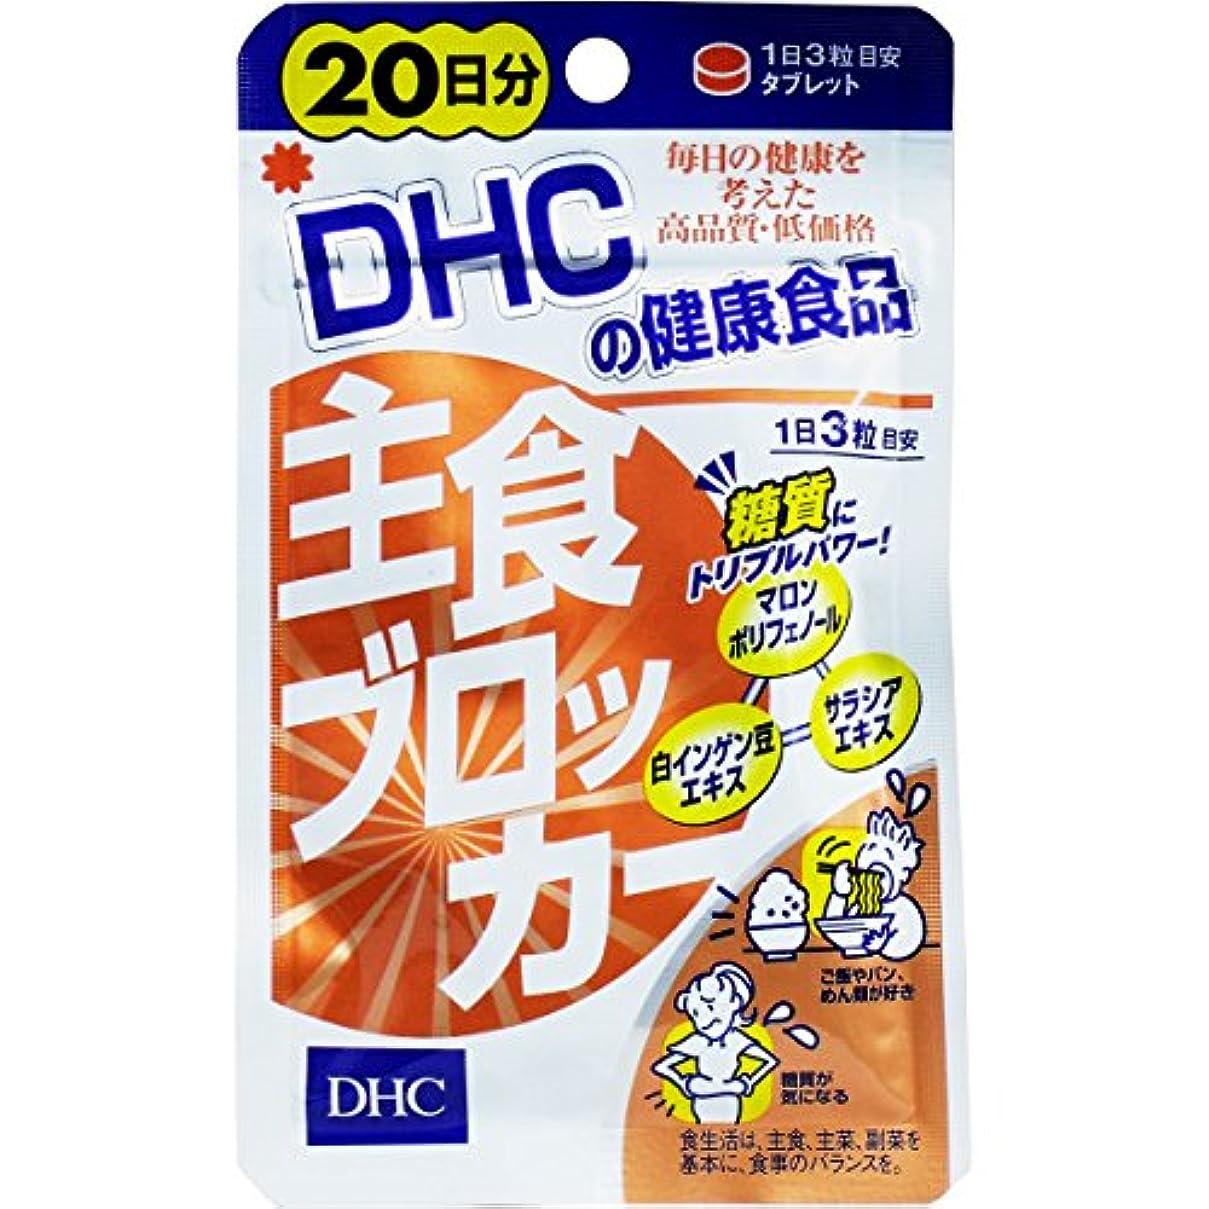 粘液該当する学期ダイエット トリプルパワーでため込み対策 栄養機能食品 DHC 主食ブロッカー 20日分 60粒入【2個セット】